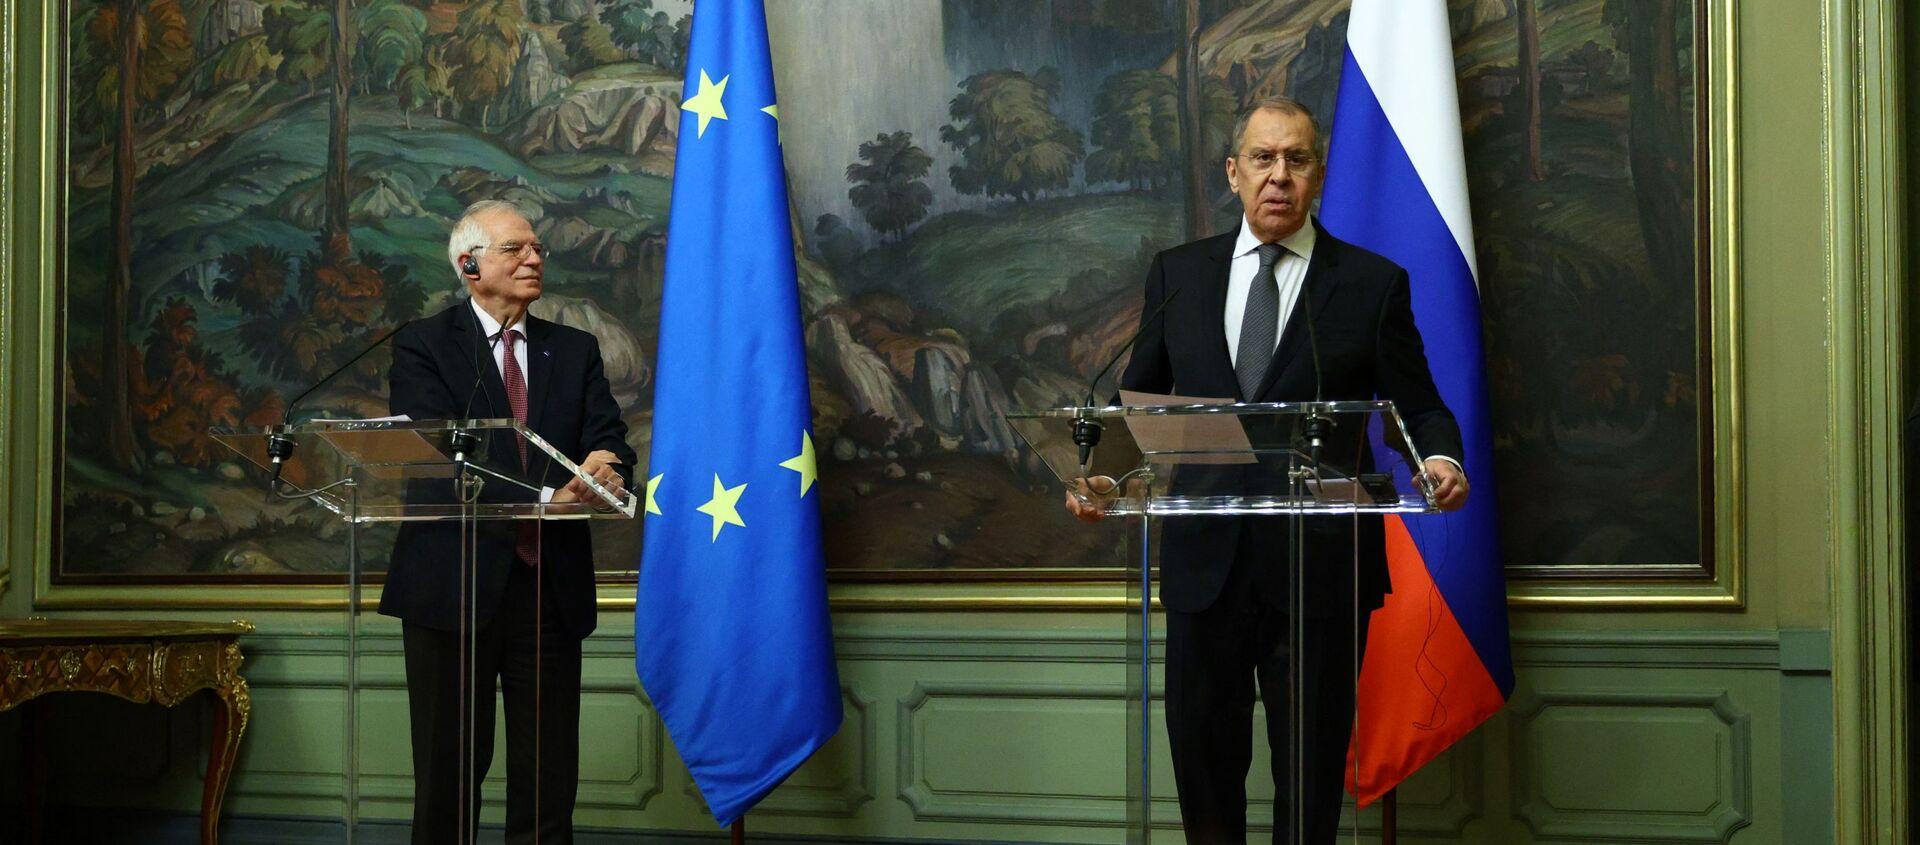 Serguei Lavrov et Josep Borrell à Moscou - Sputnik France, 1920, 25.02.2021